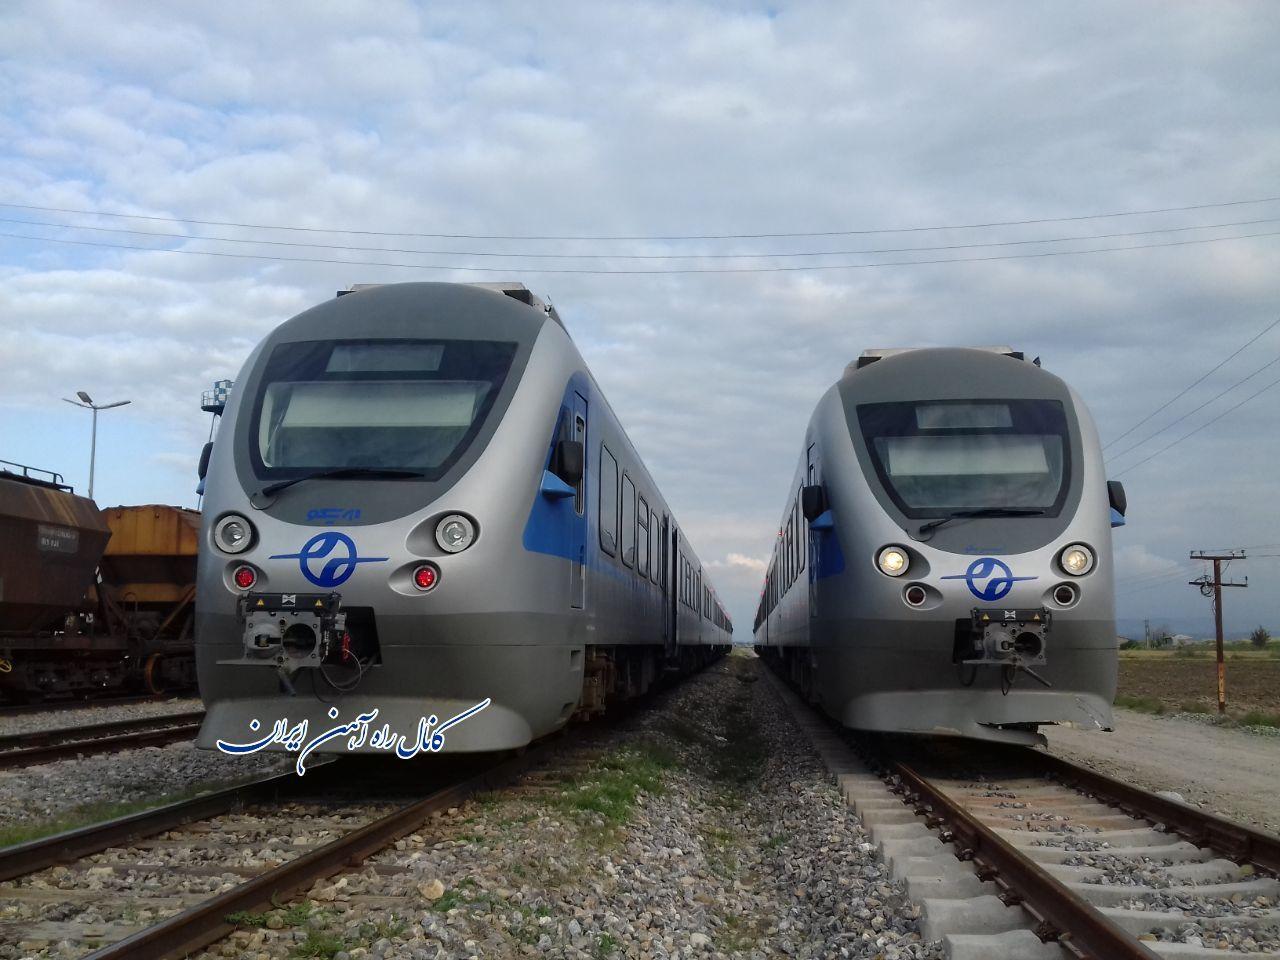 دستور مدیرکل راه آهن شرق پس از پیام همشهریان مربوط به گرم بودن سالن های قطار محلی طبس – مشهد